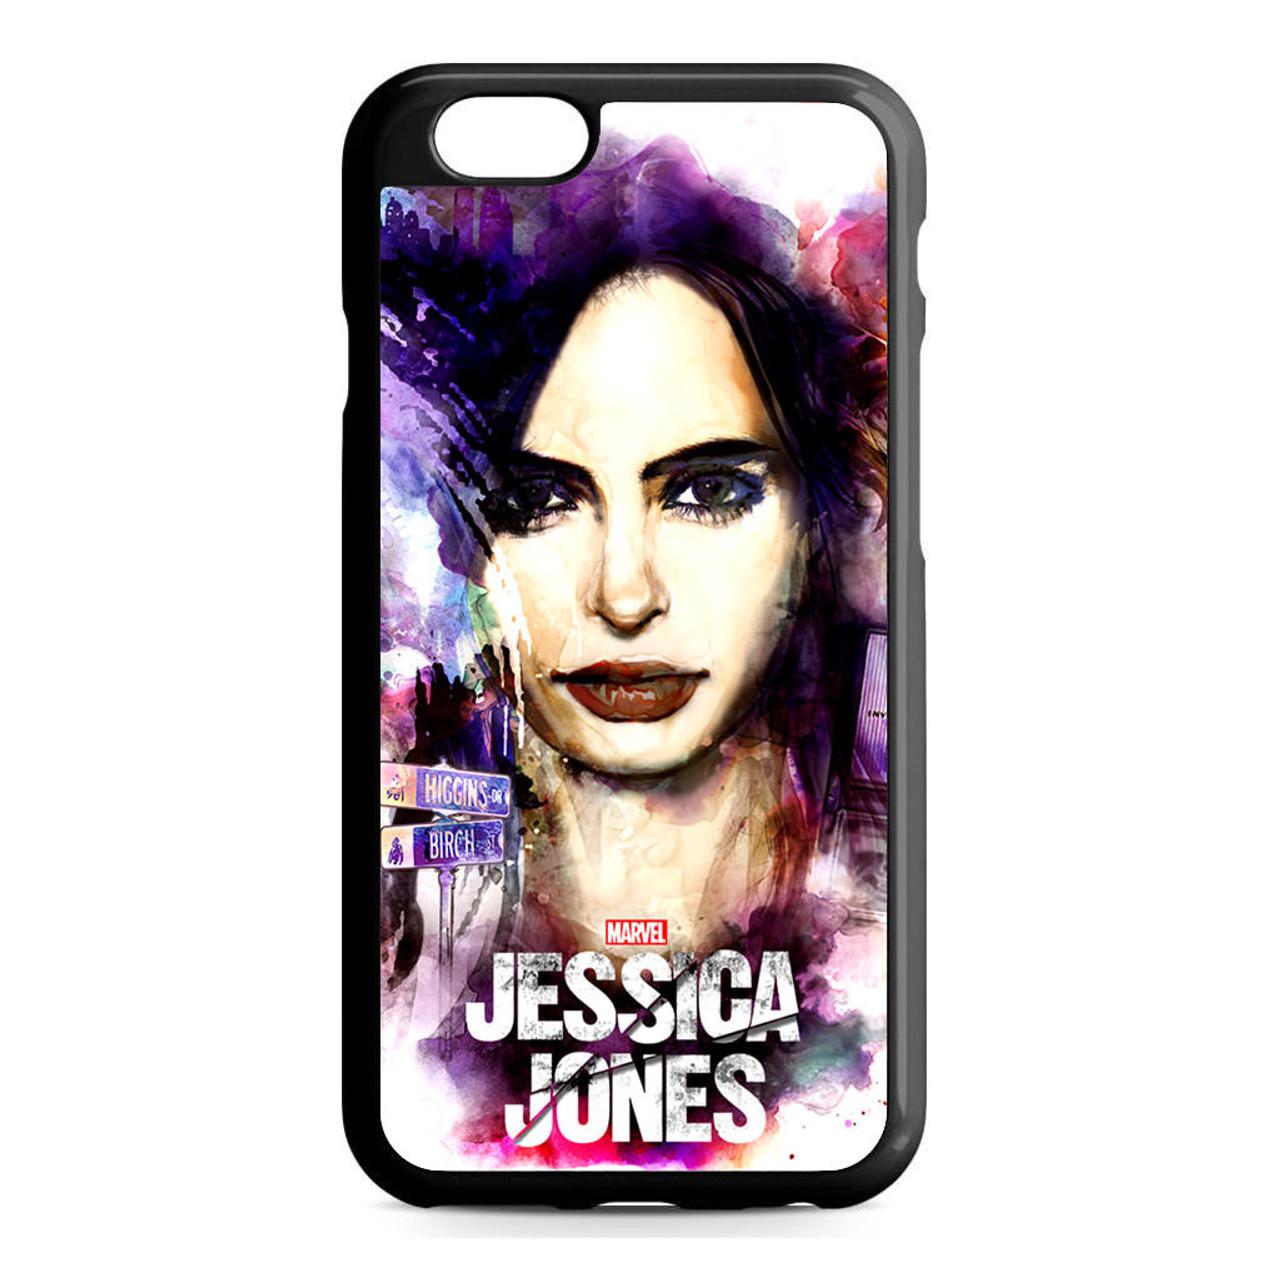 9069c4d3ebc3 Jessica Jones iPhone 6 6S Case - CASESHUNTER